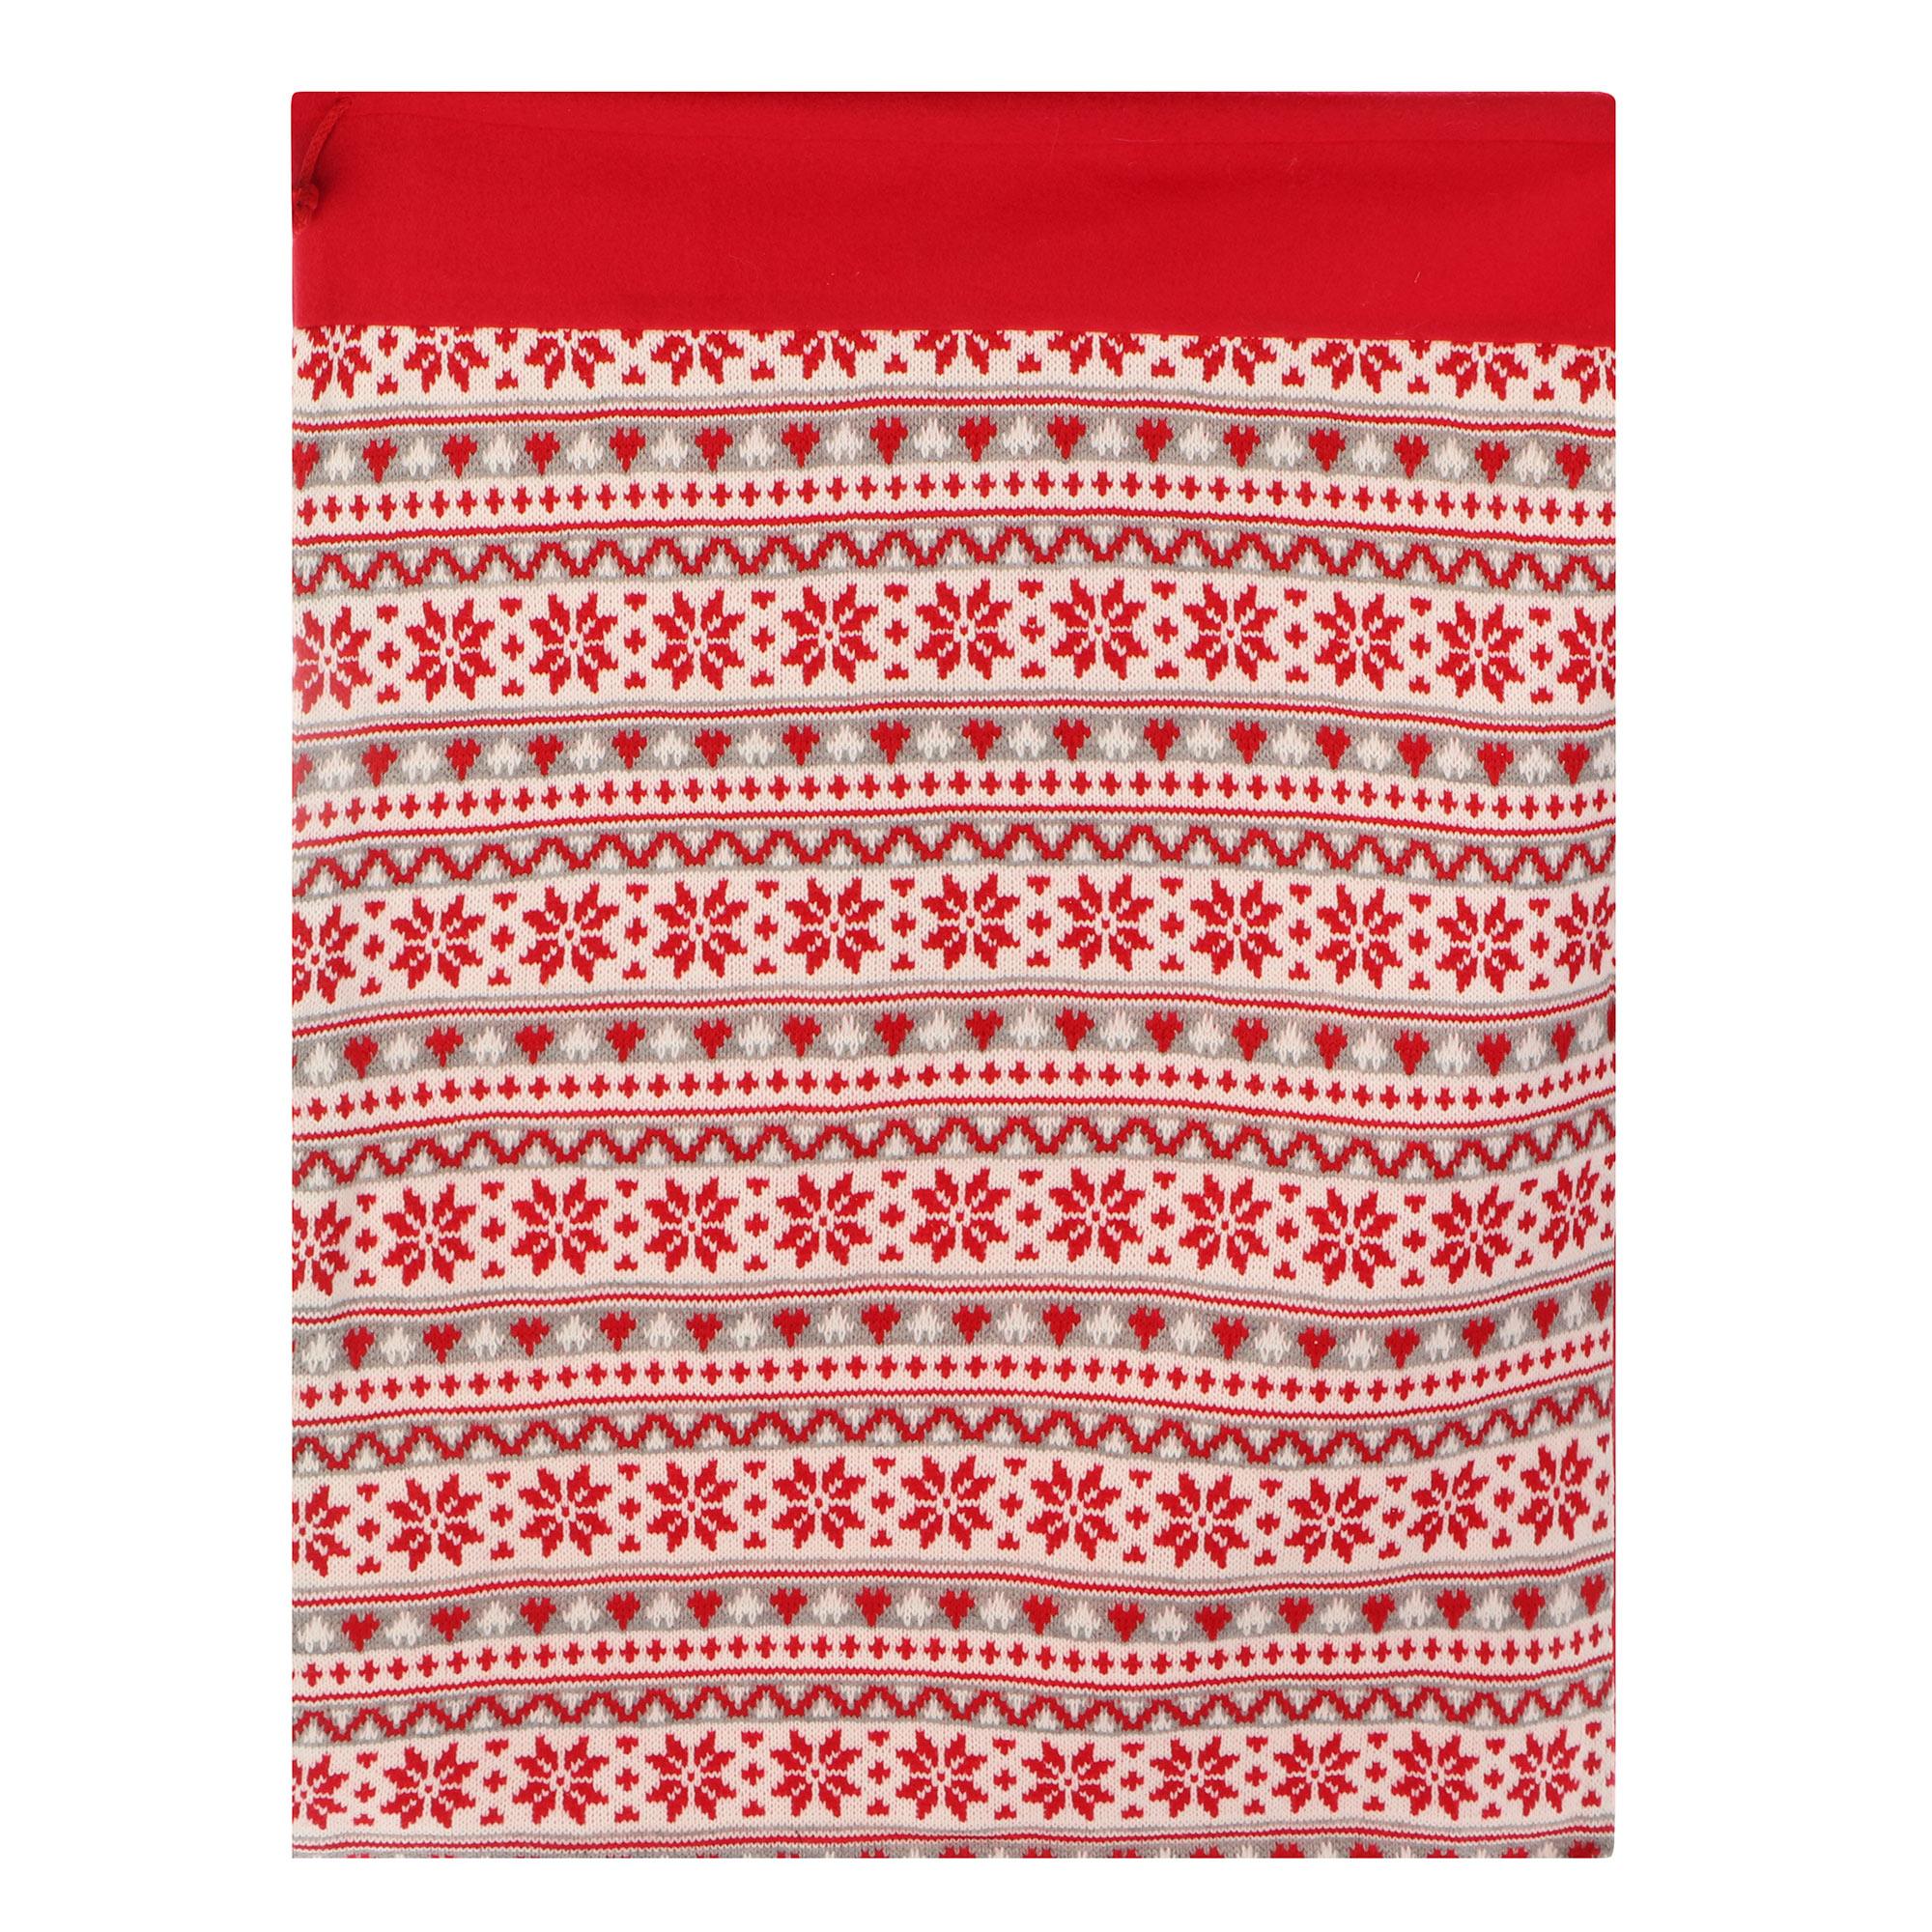 Фото - Декоративный мешок для подарков Kaemingk 40x70 см мягкие игрушки стрекоза мешок для подарков барон